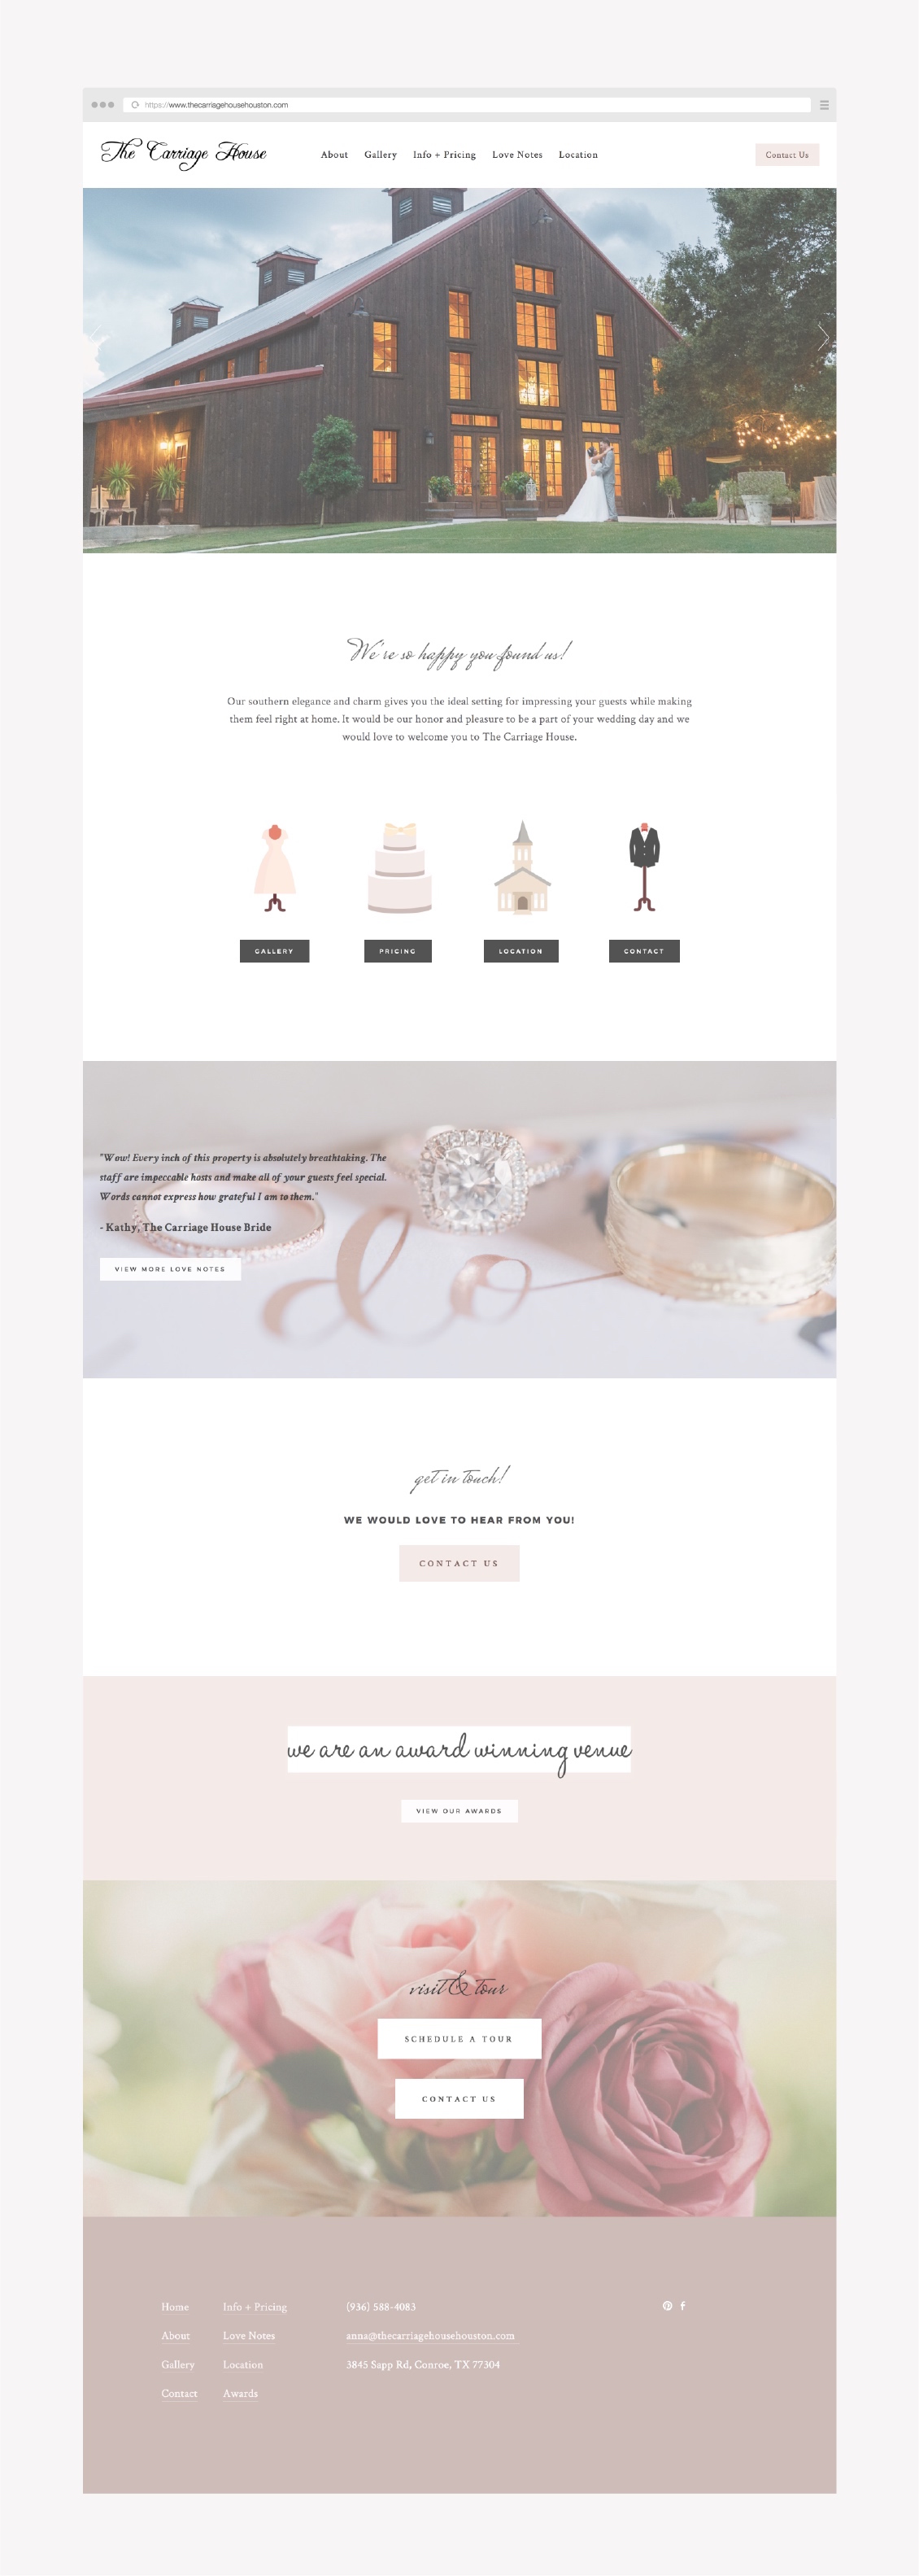 squarespace example website - wedding venue vendor.jpg